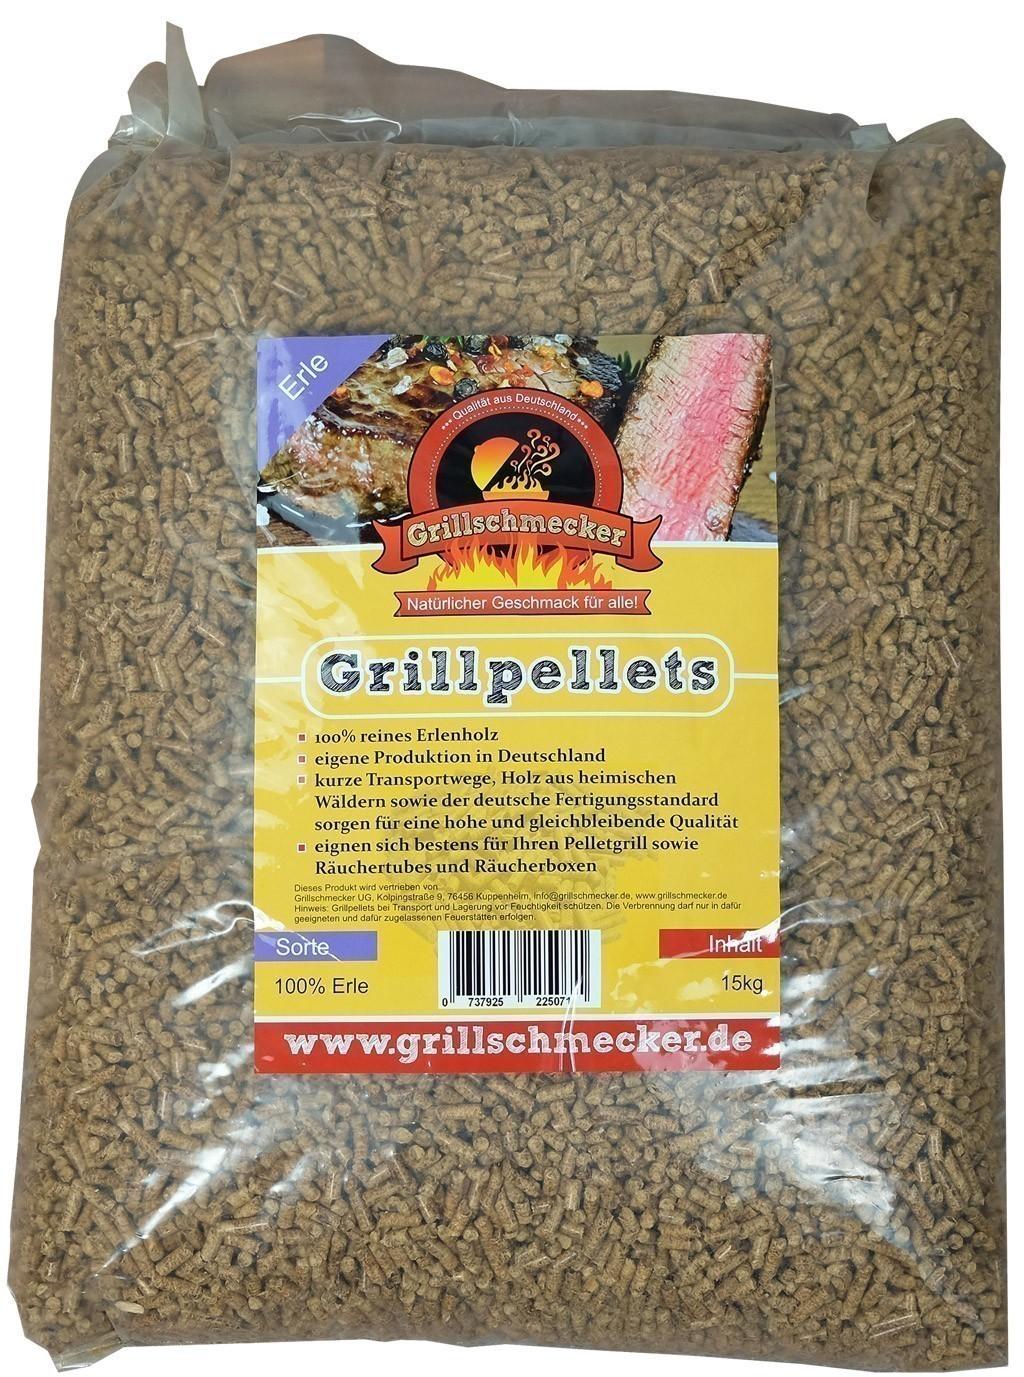 Grillpellets / Erlenpellets / Smokerpellets Erle 15kg Bild 1